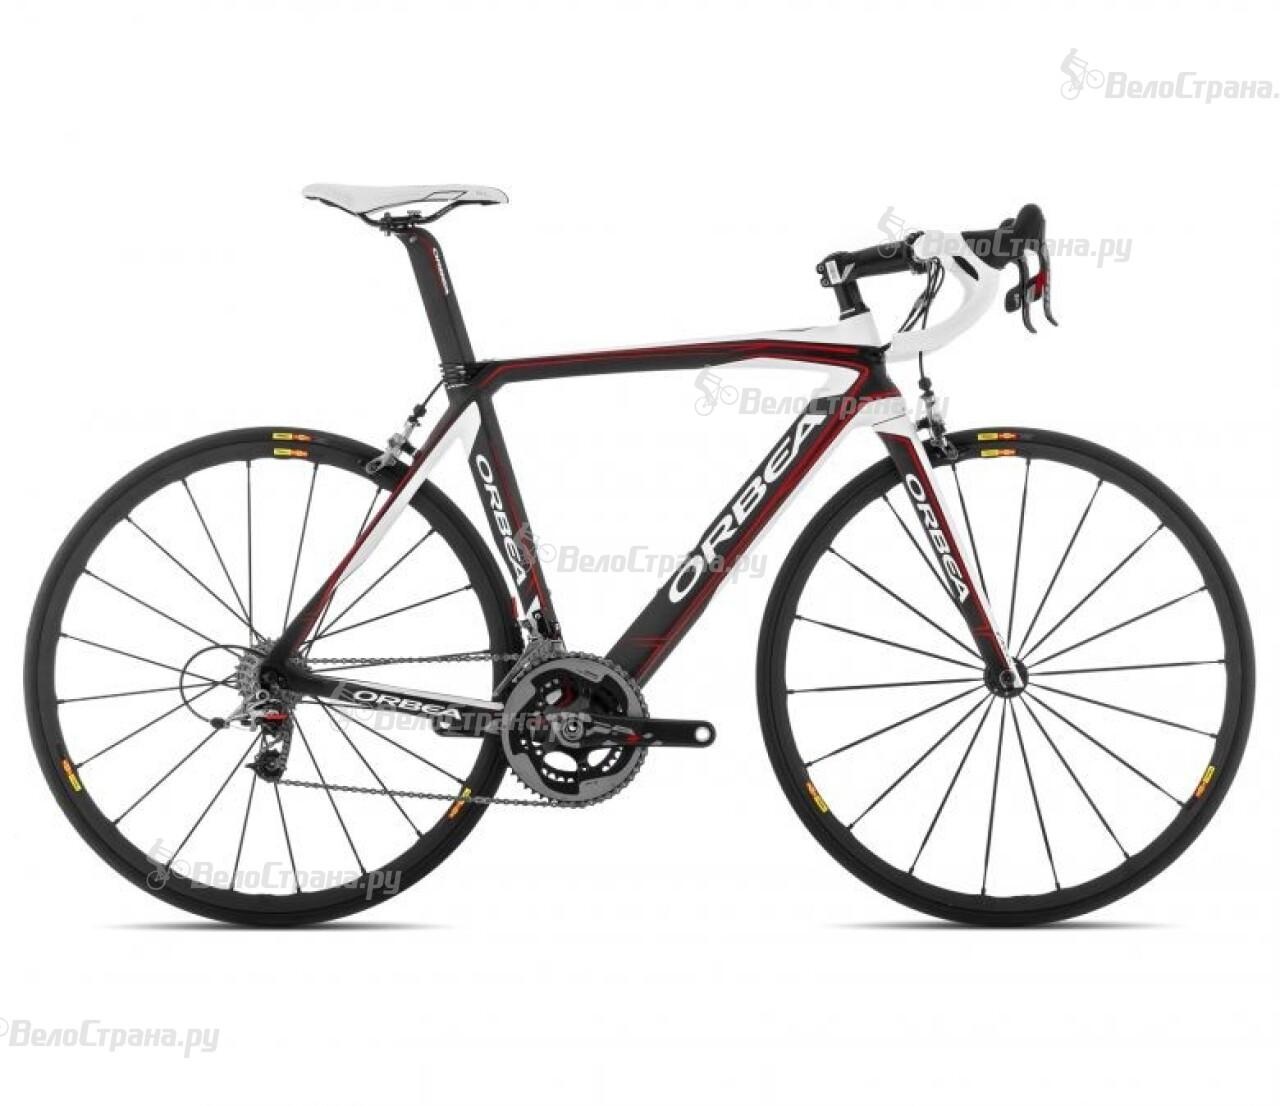 Велосипед Orbea Orca M22 (2014) велосипед orbea orca dama gth 2013